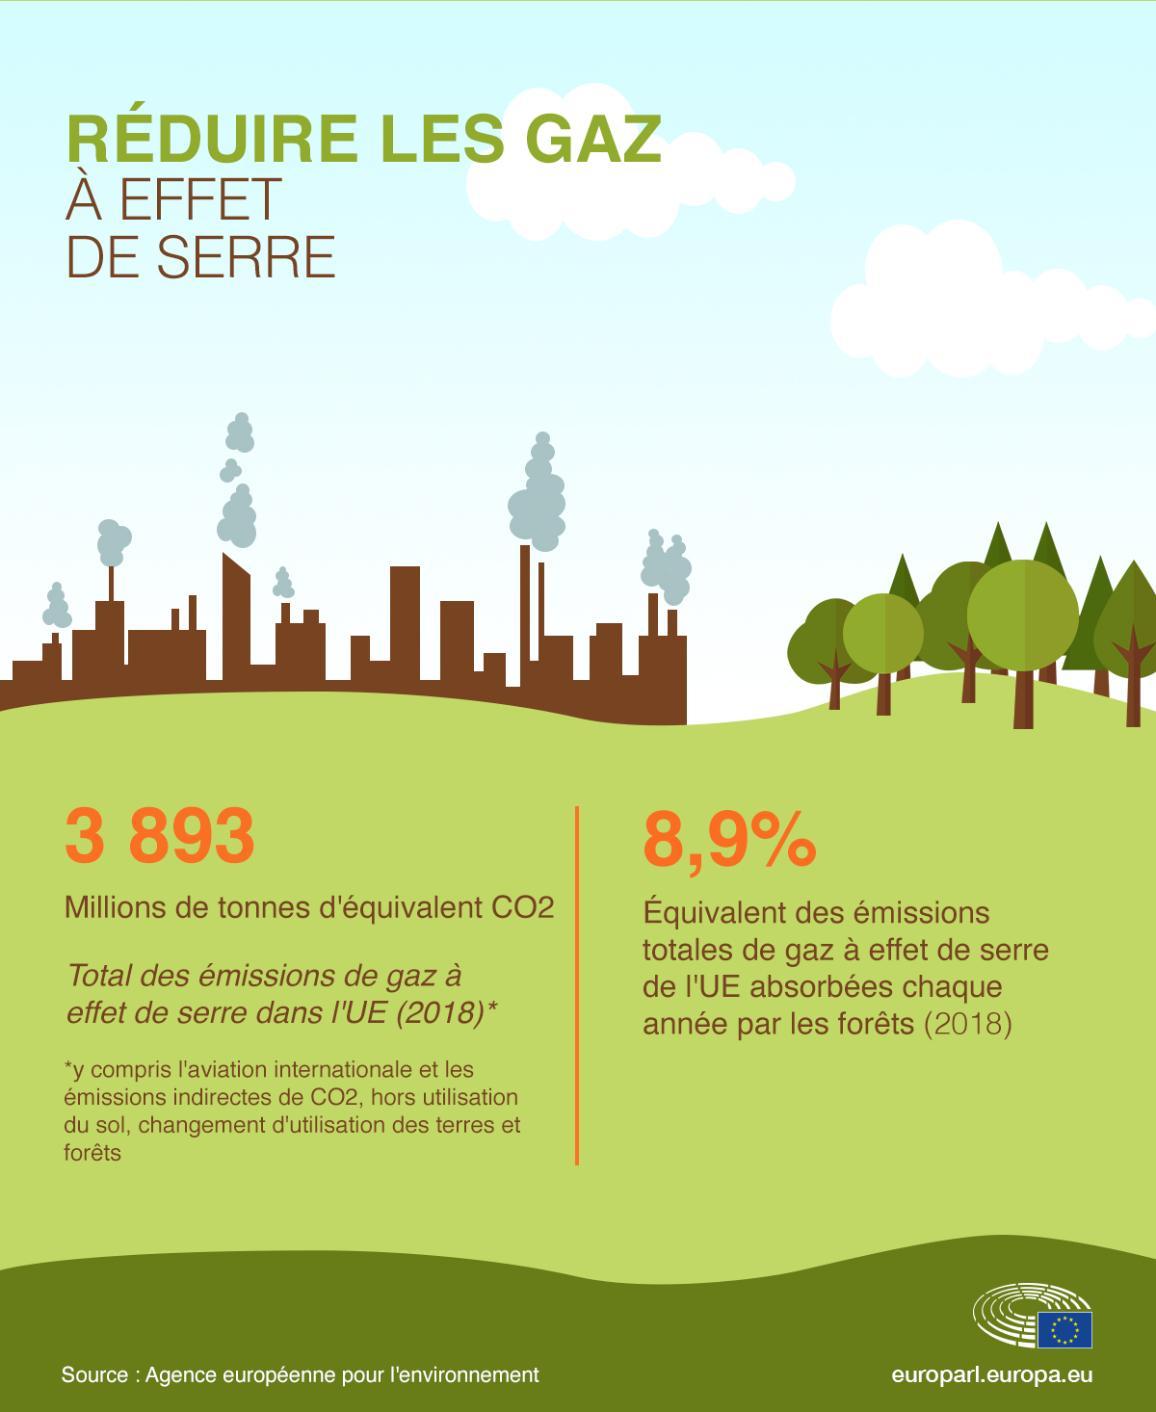 Infographie sur les forêts et la réduction des gaz à effet de serre